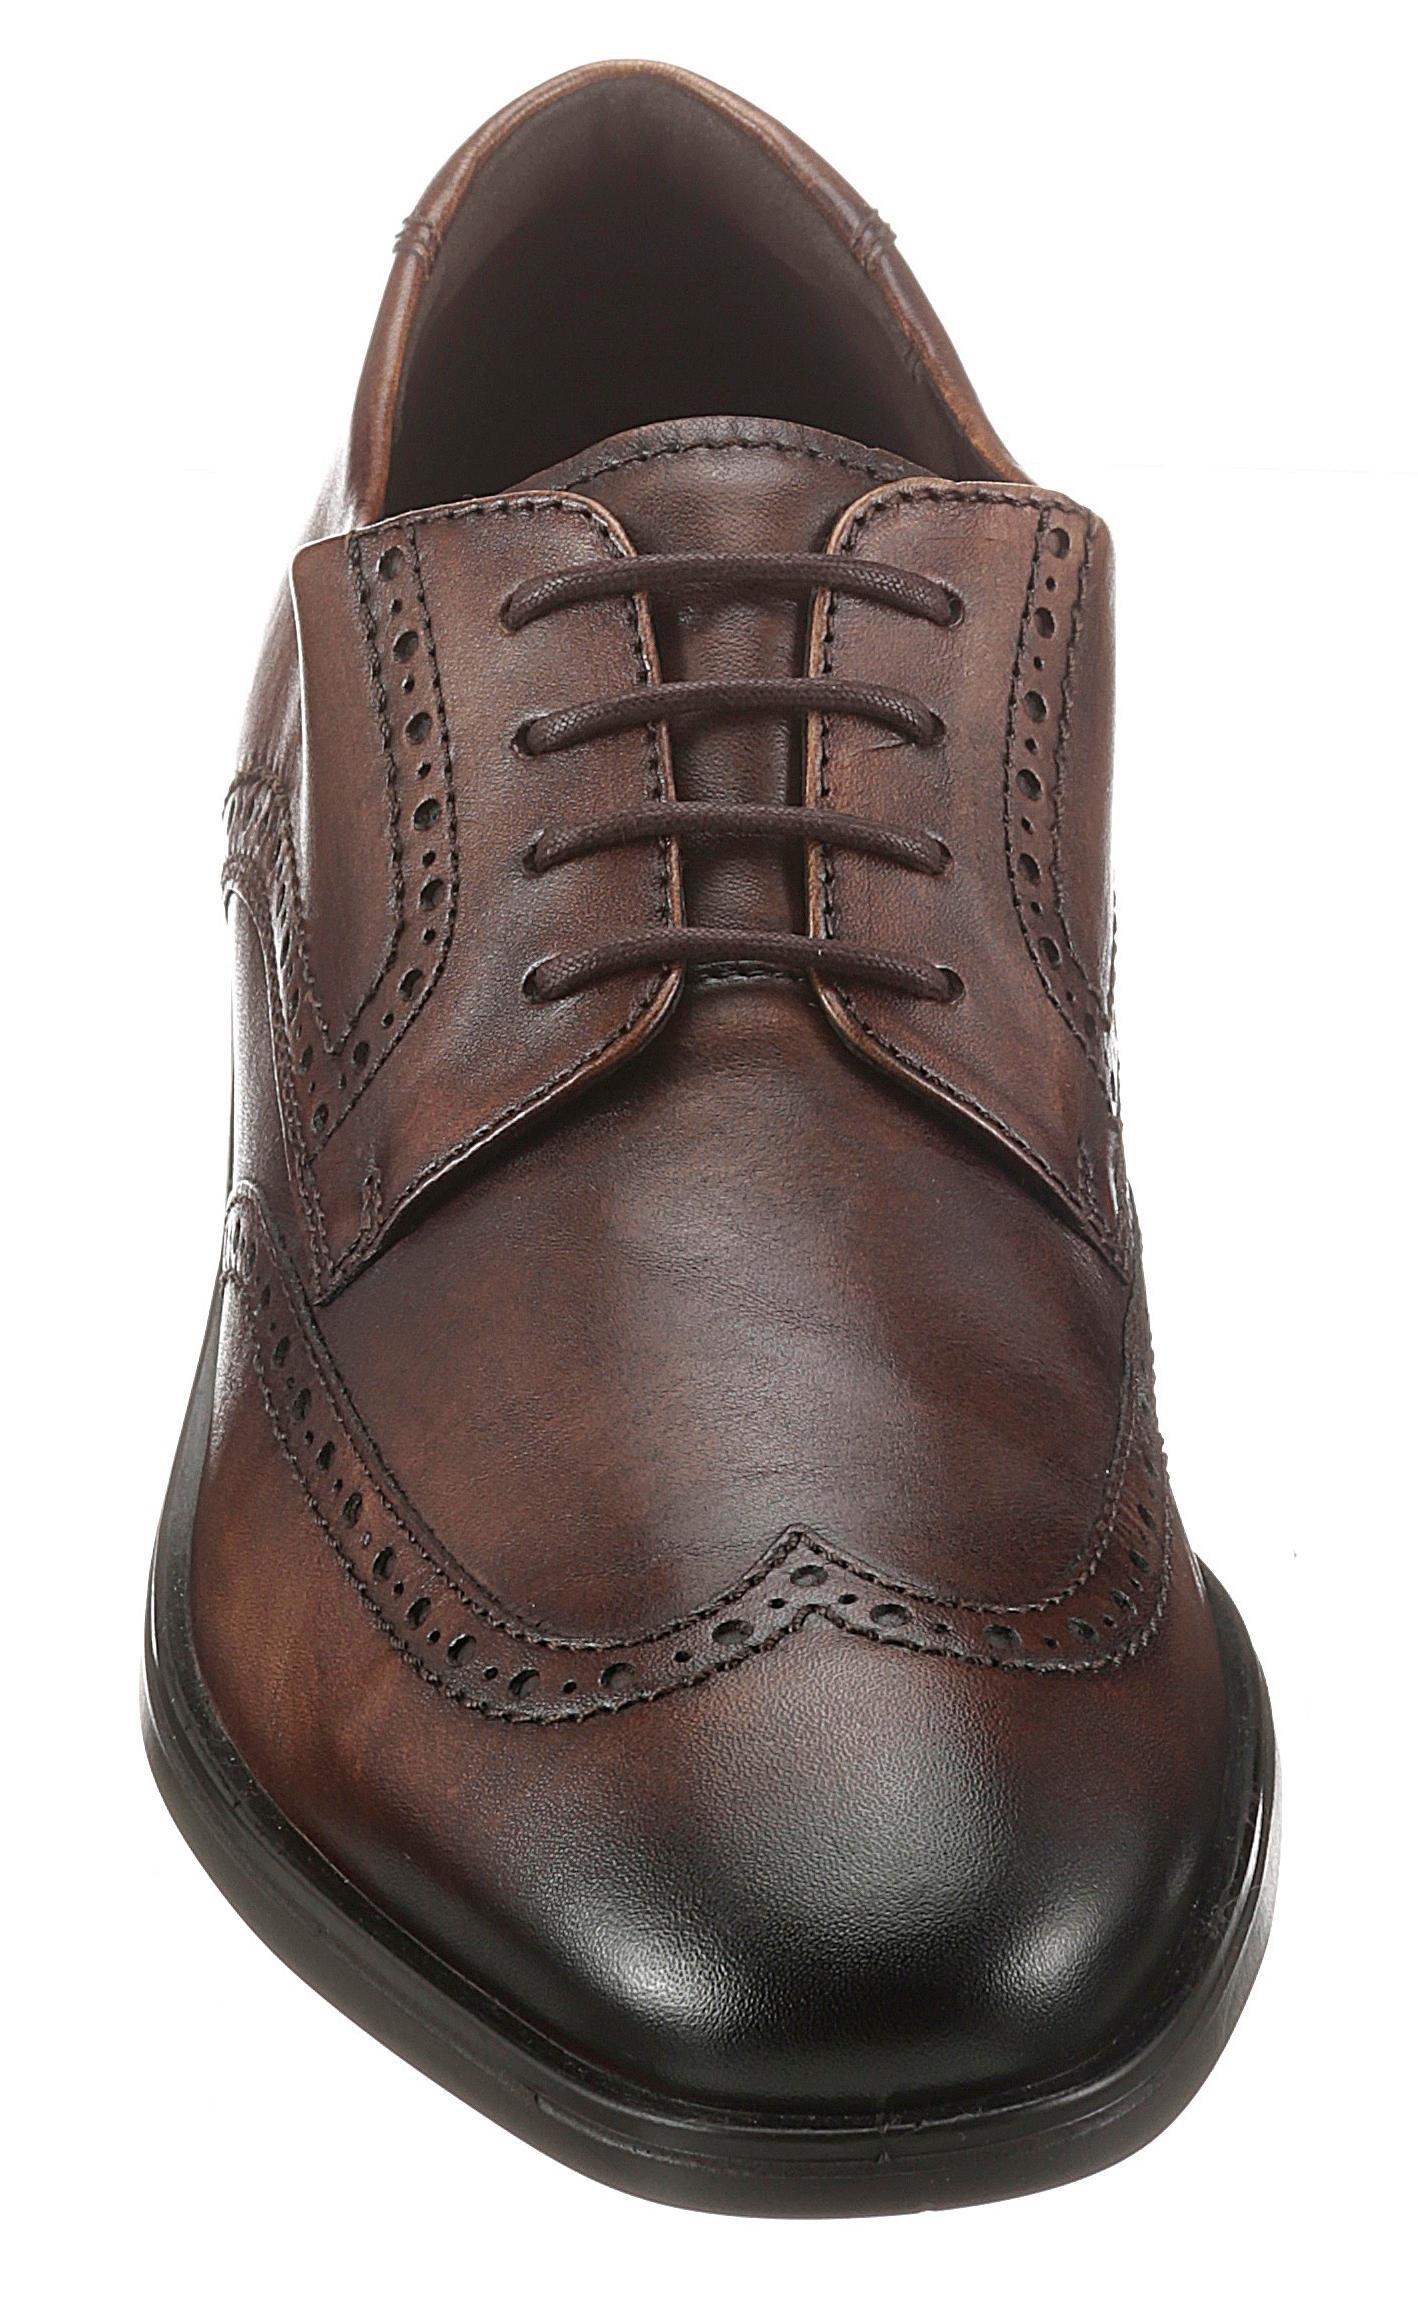 Ecco schoenen met perforatie »Melbourne« nu online bestellen